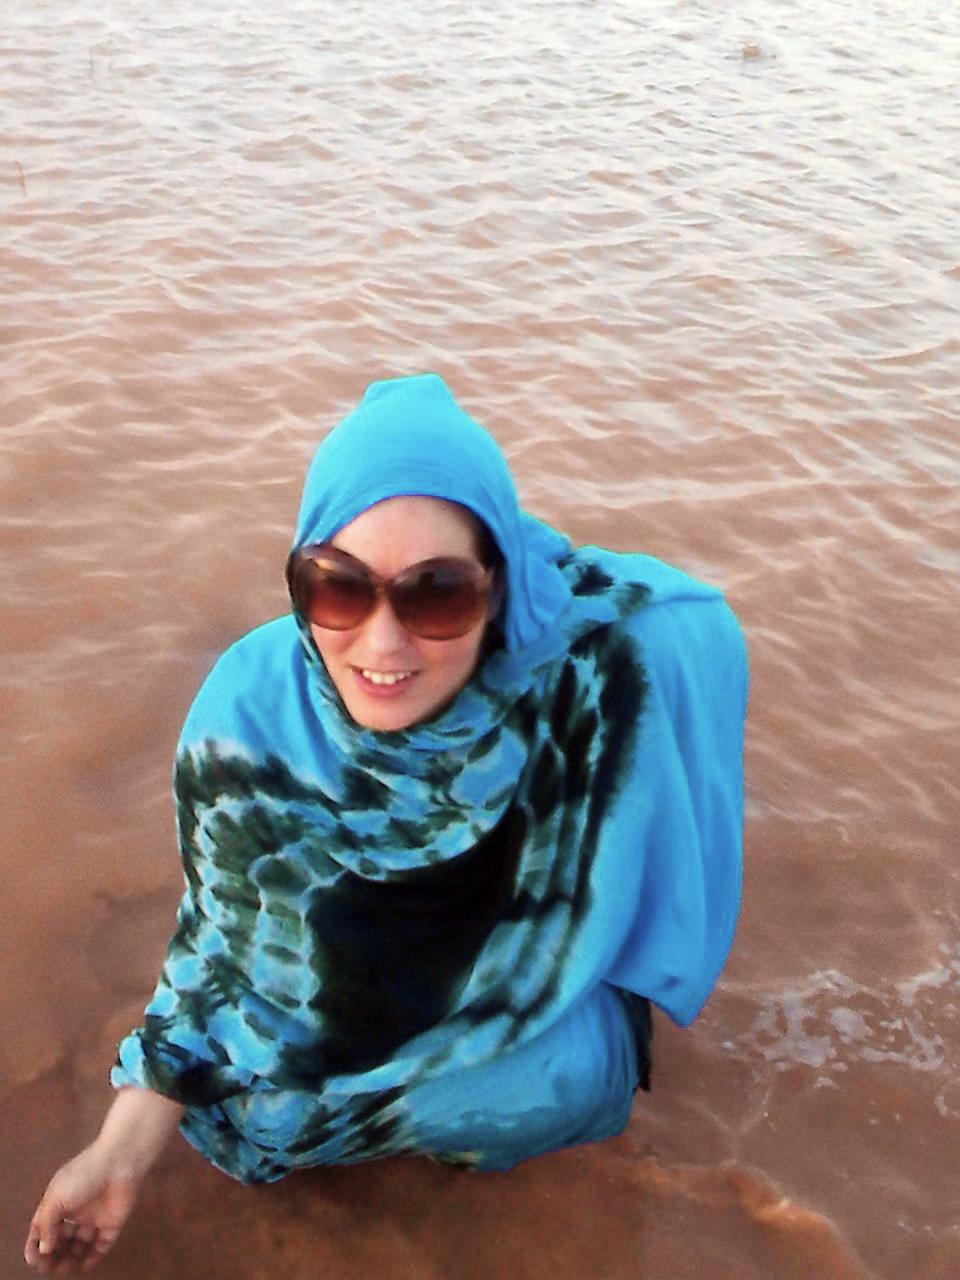 najwa playa saharaui